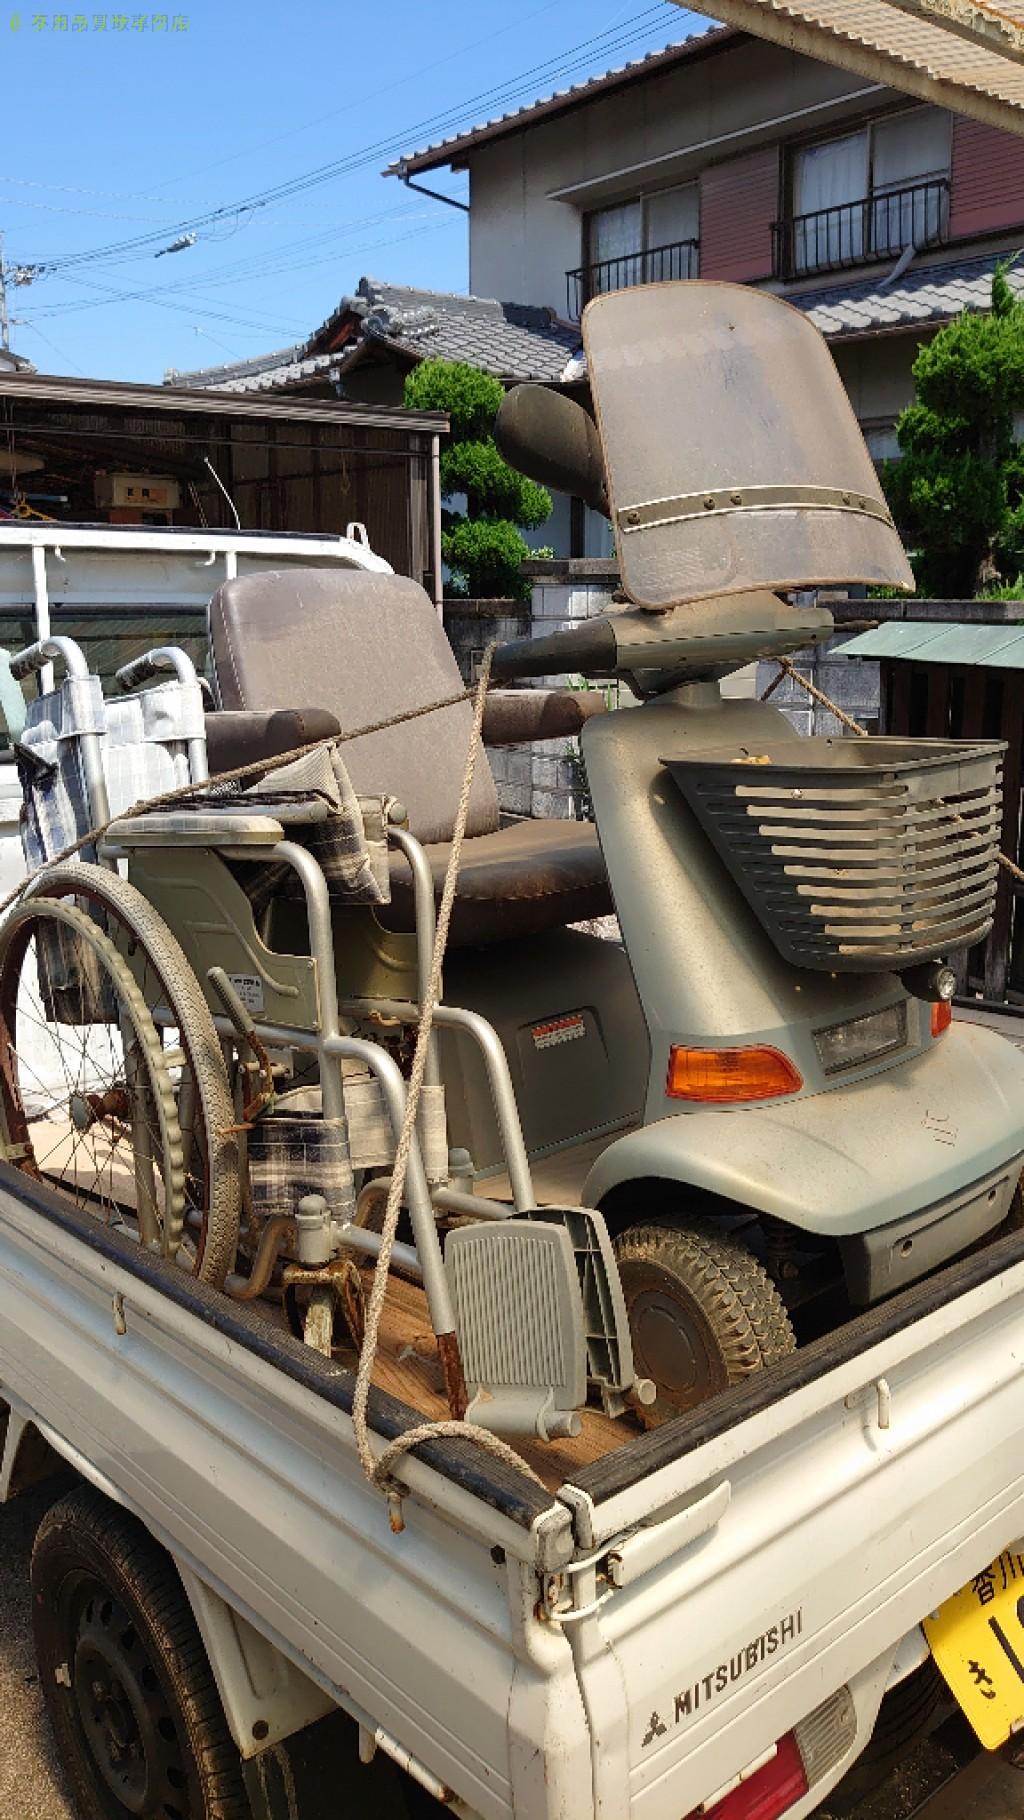 【高松市多肥上町】シニアカー・車イスの処分・回収のご依頼者さま